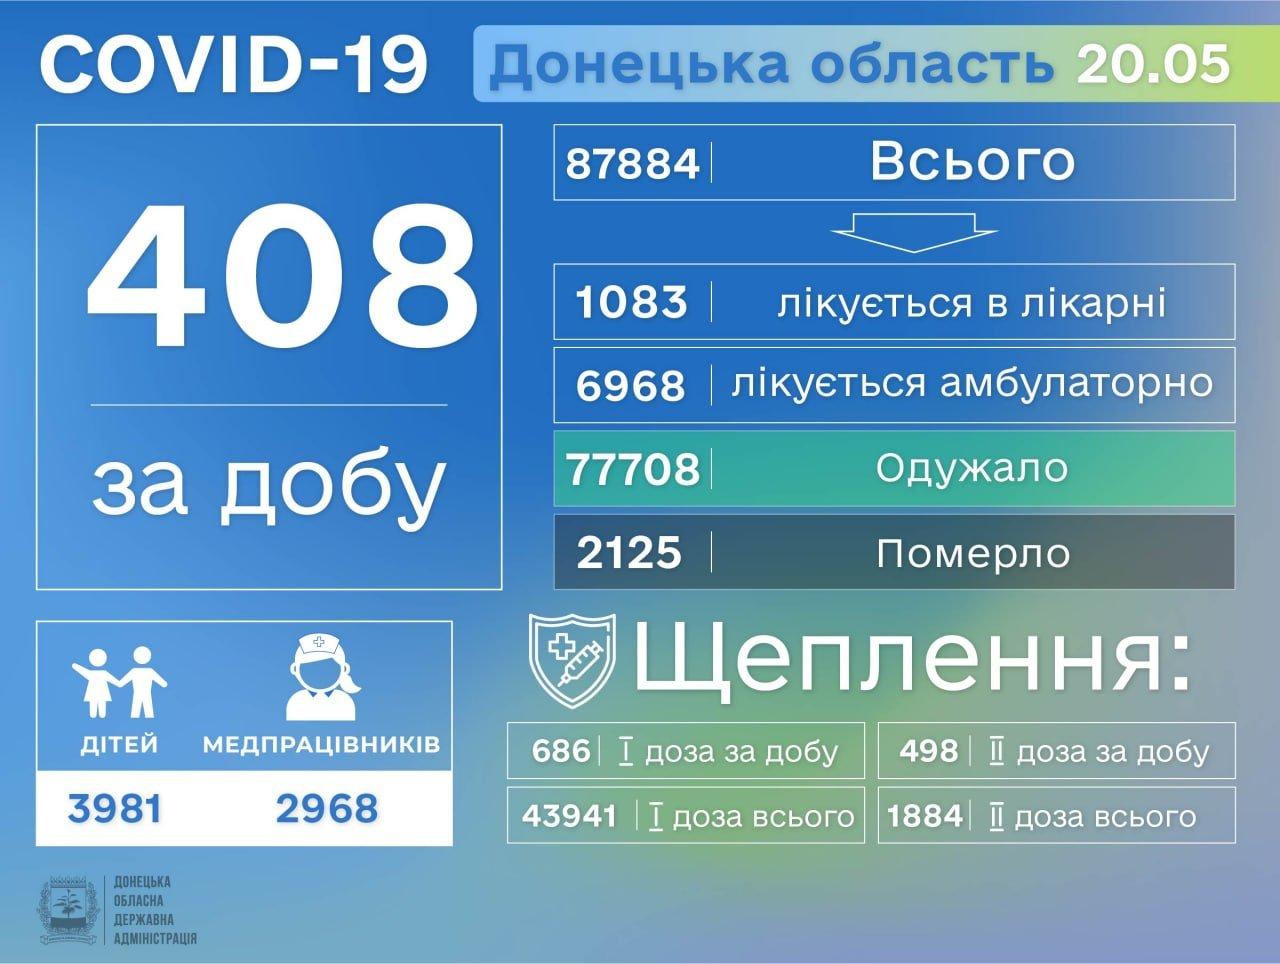 В Донецкой области выявлено еще 408 больных коронавирусом, фото-1